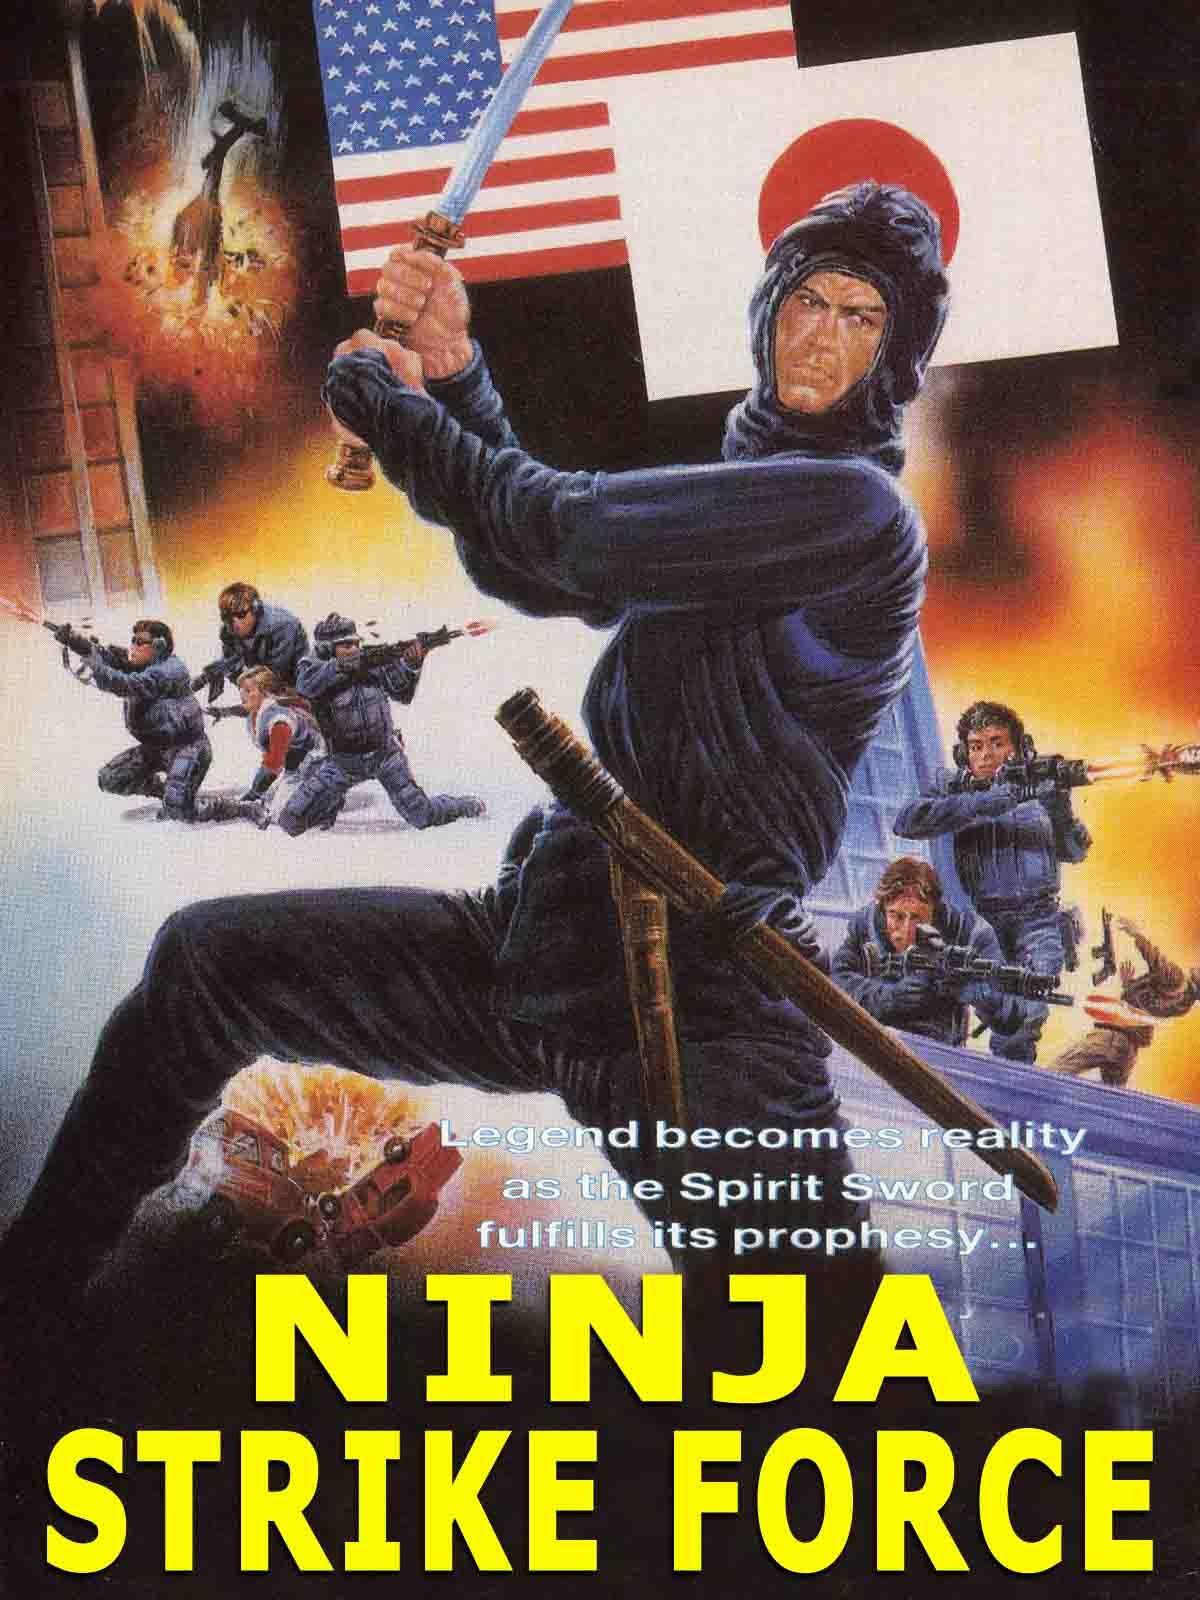 Watch Ninja Strike Force | Prime Video